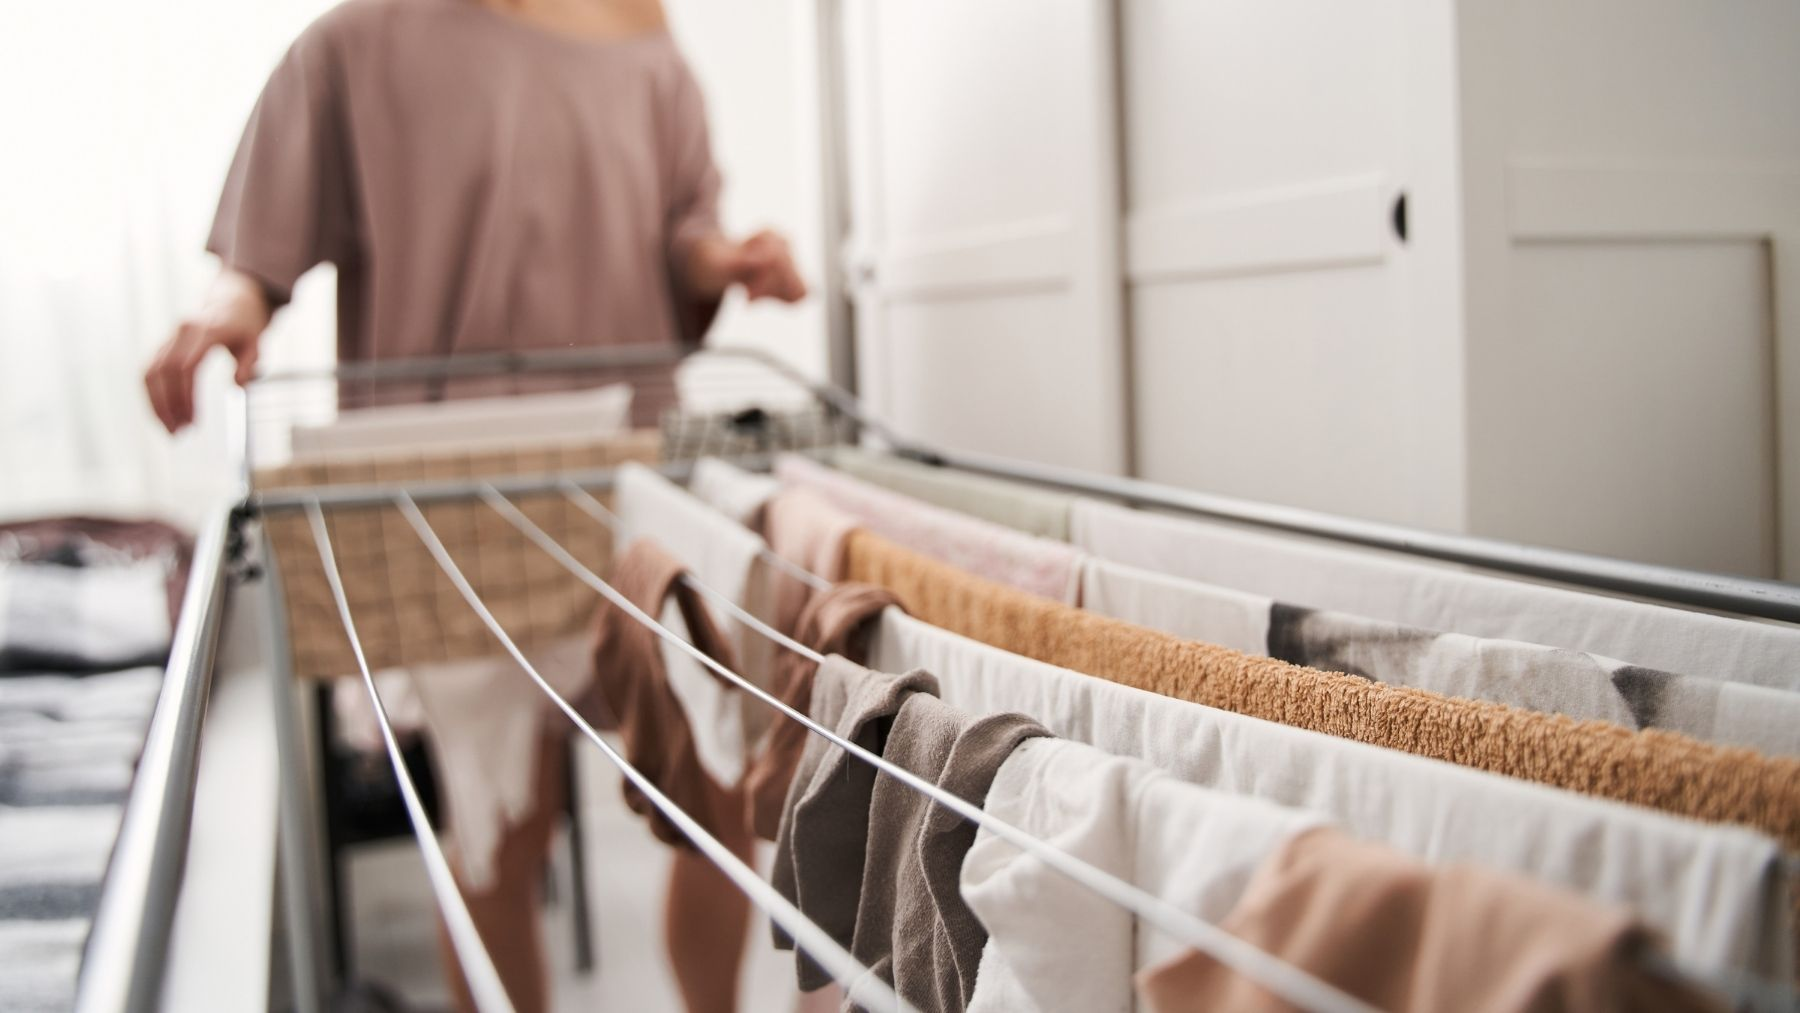 Remedios caseros para quitar el olor a humedad de la ropa